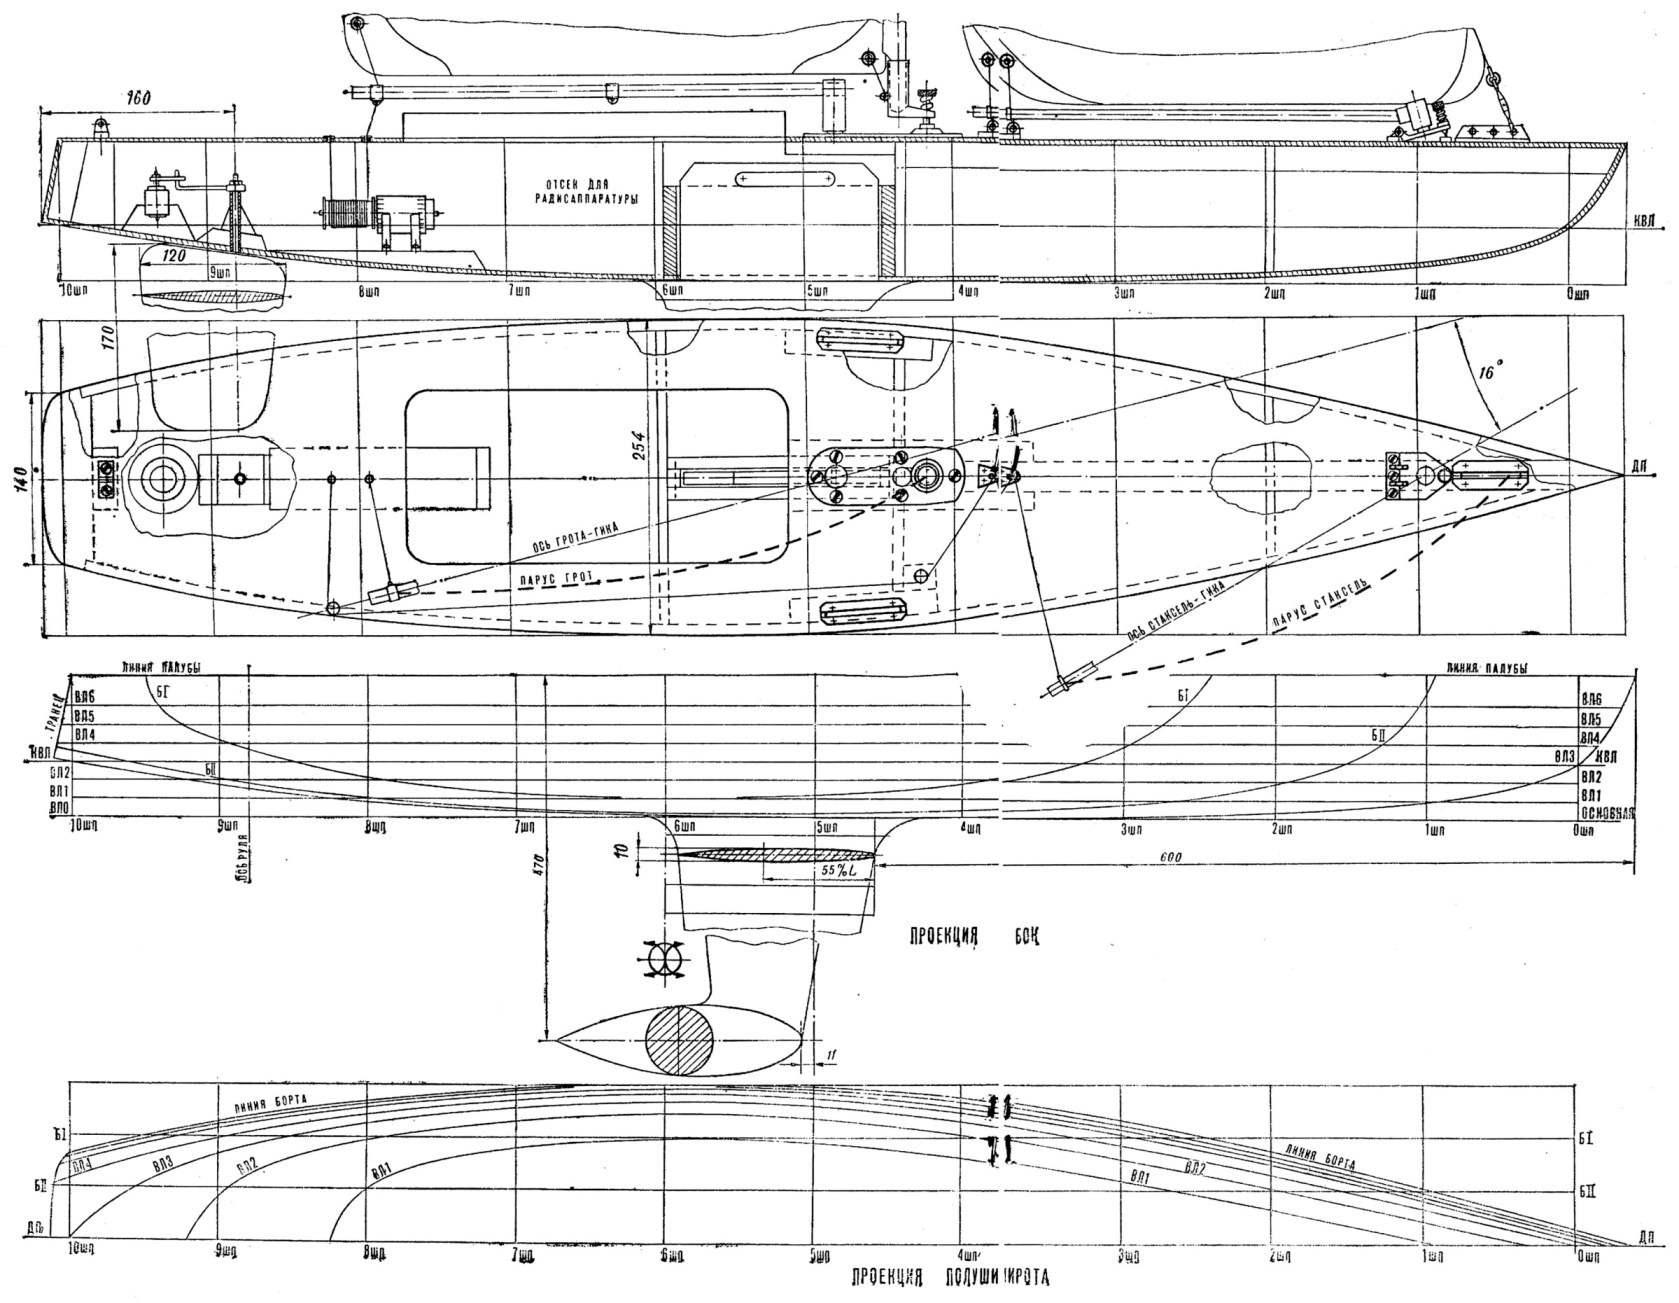 Рис. 7. Корпус модели яхты и теоретический чертеж.